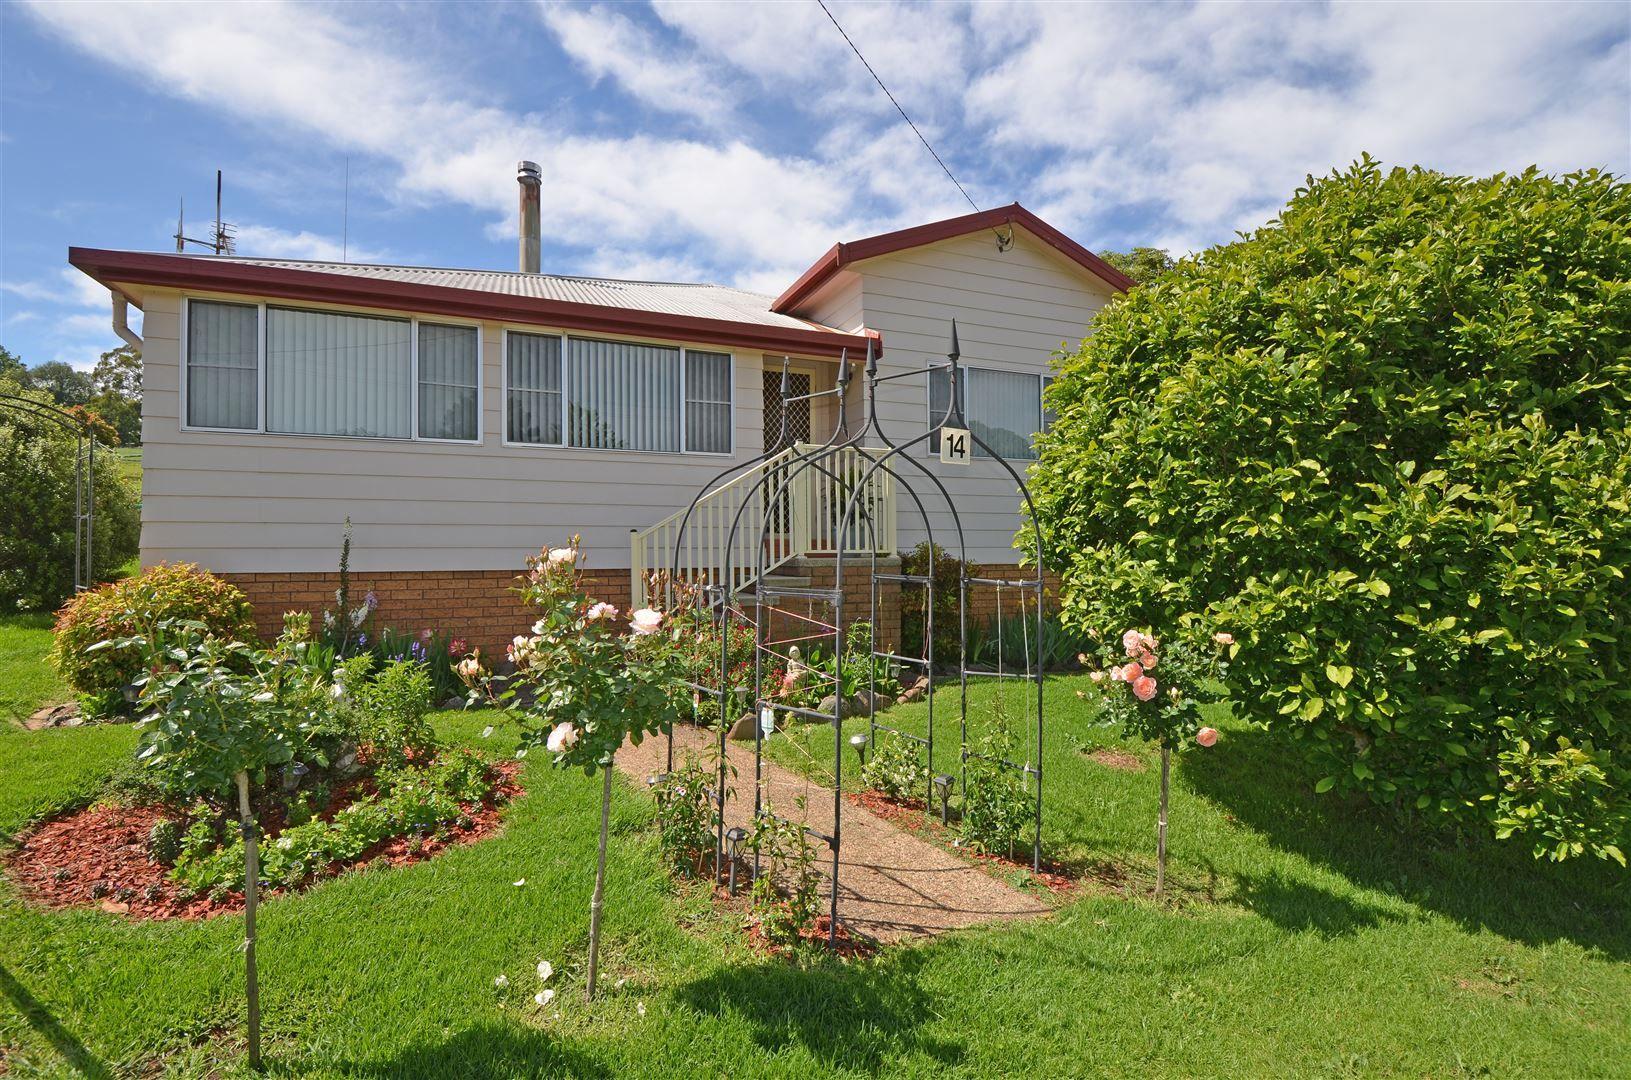 14 Comboyne Street, Comboyne NSW 2429, Image 0